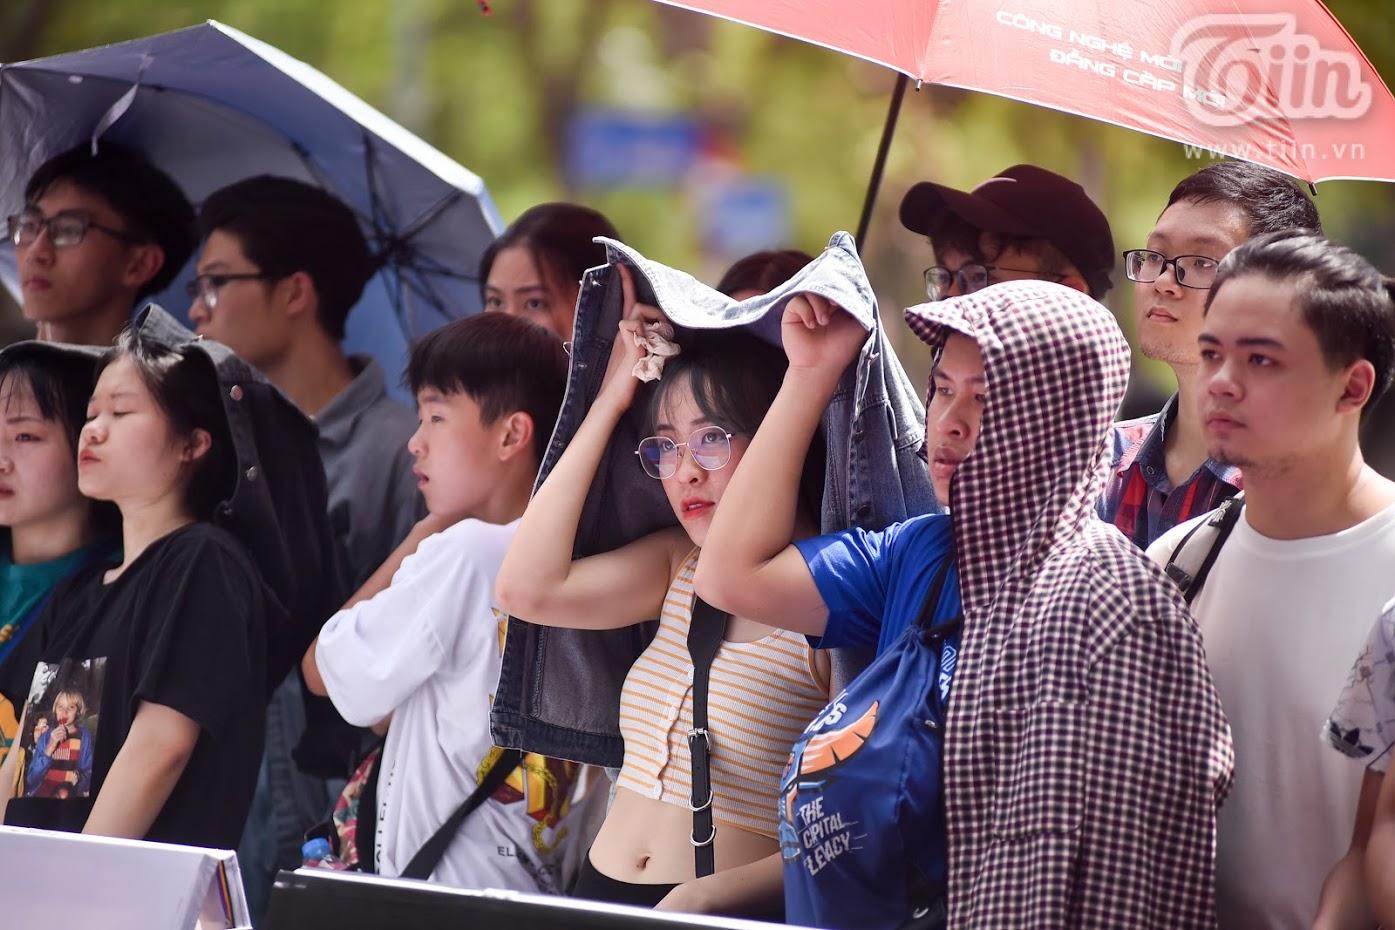 Khán giả đến xem đem theo cả những dụngcụ chống nắng cơ bản.